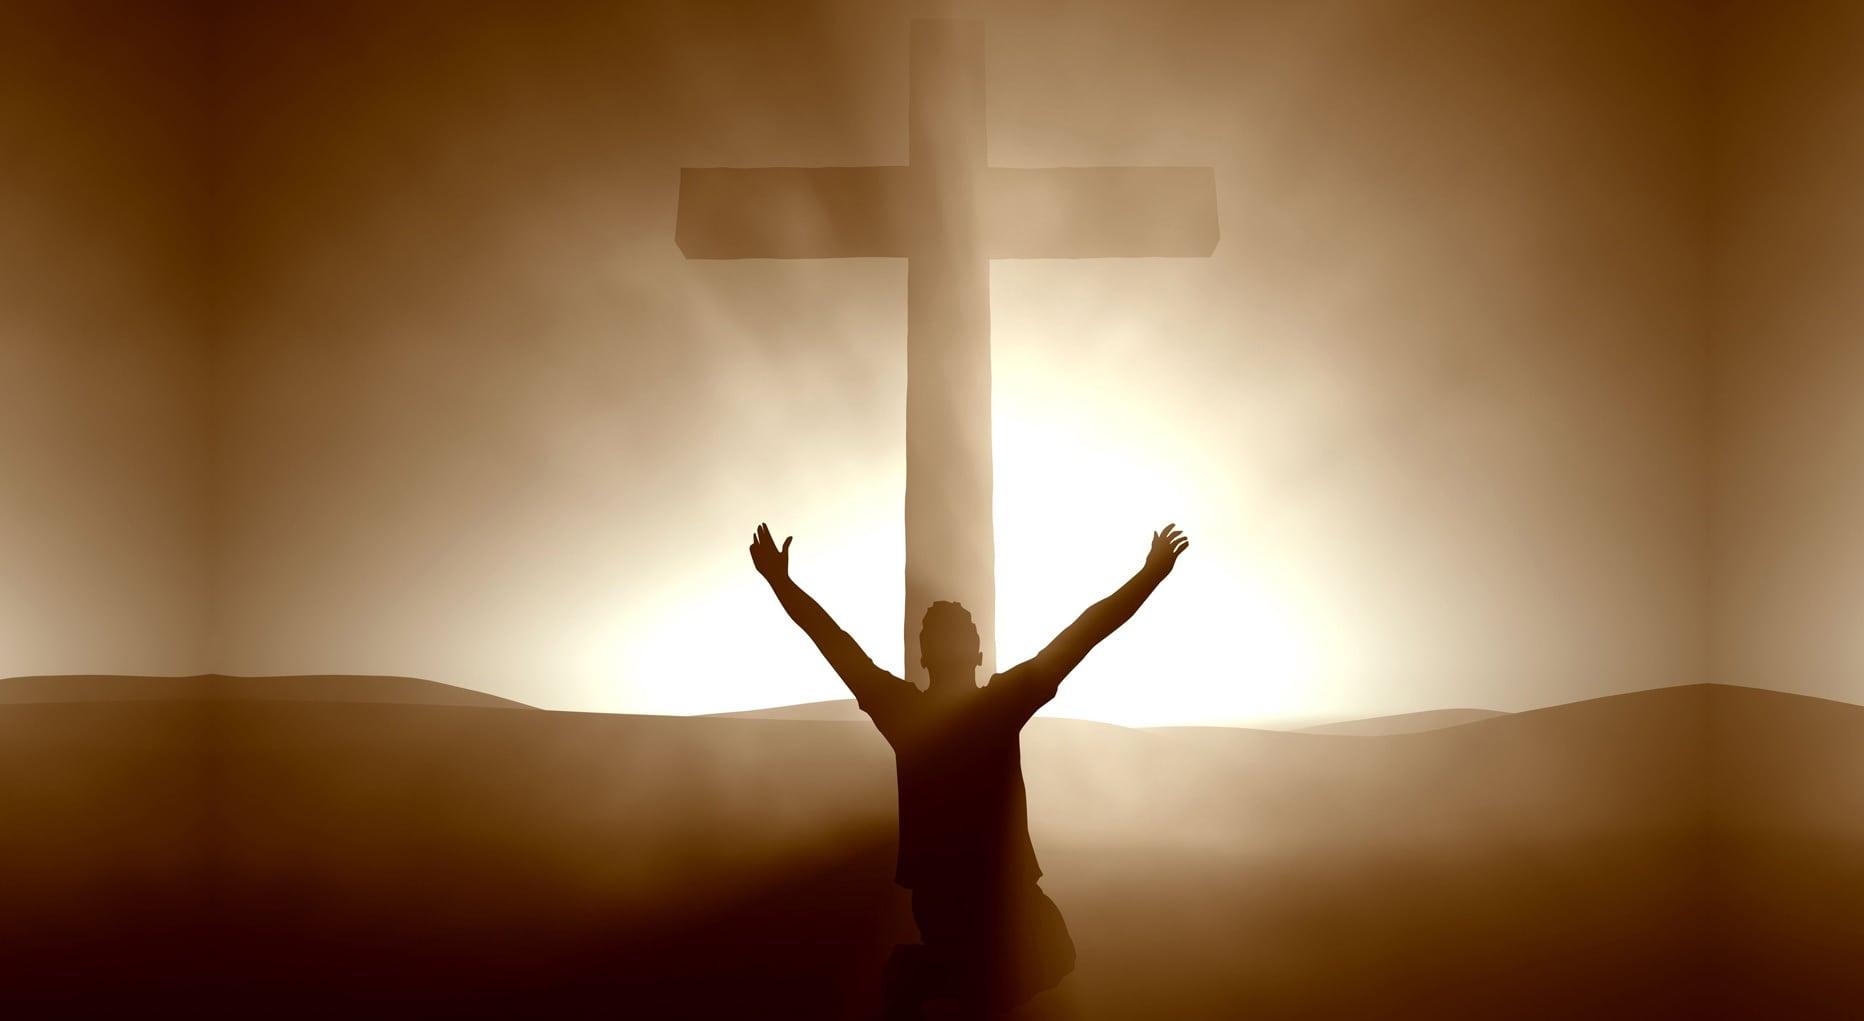 Αποτέλεσμα εικόνας για prayer